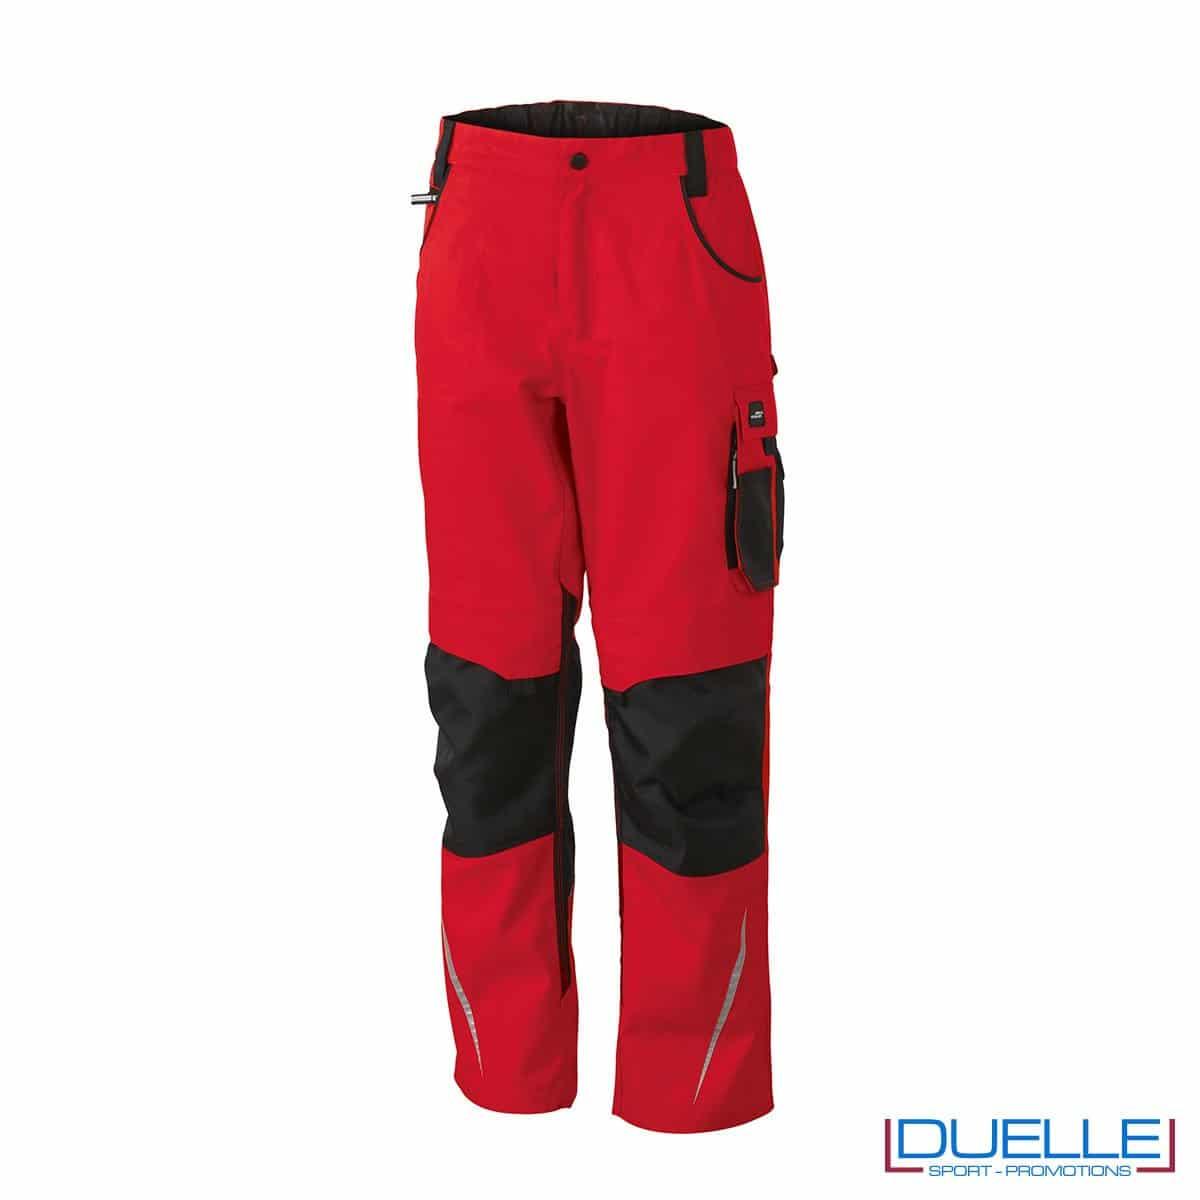 Pantalone professionale personalizzato in colore rosso